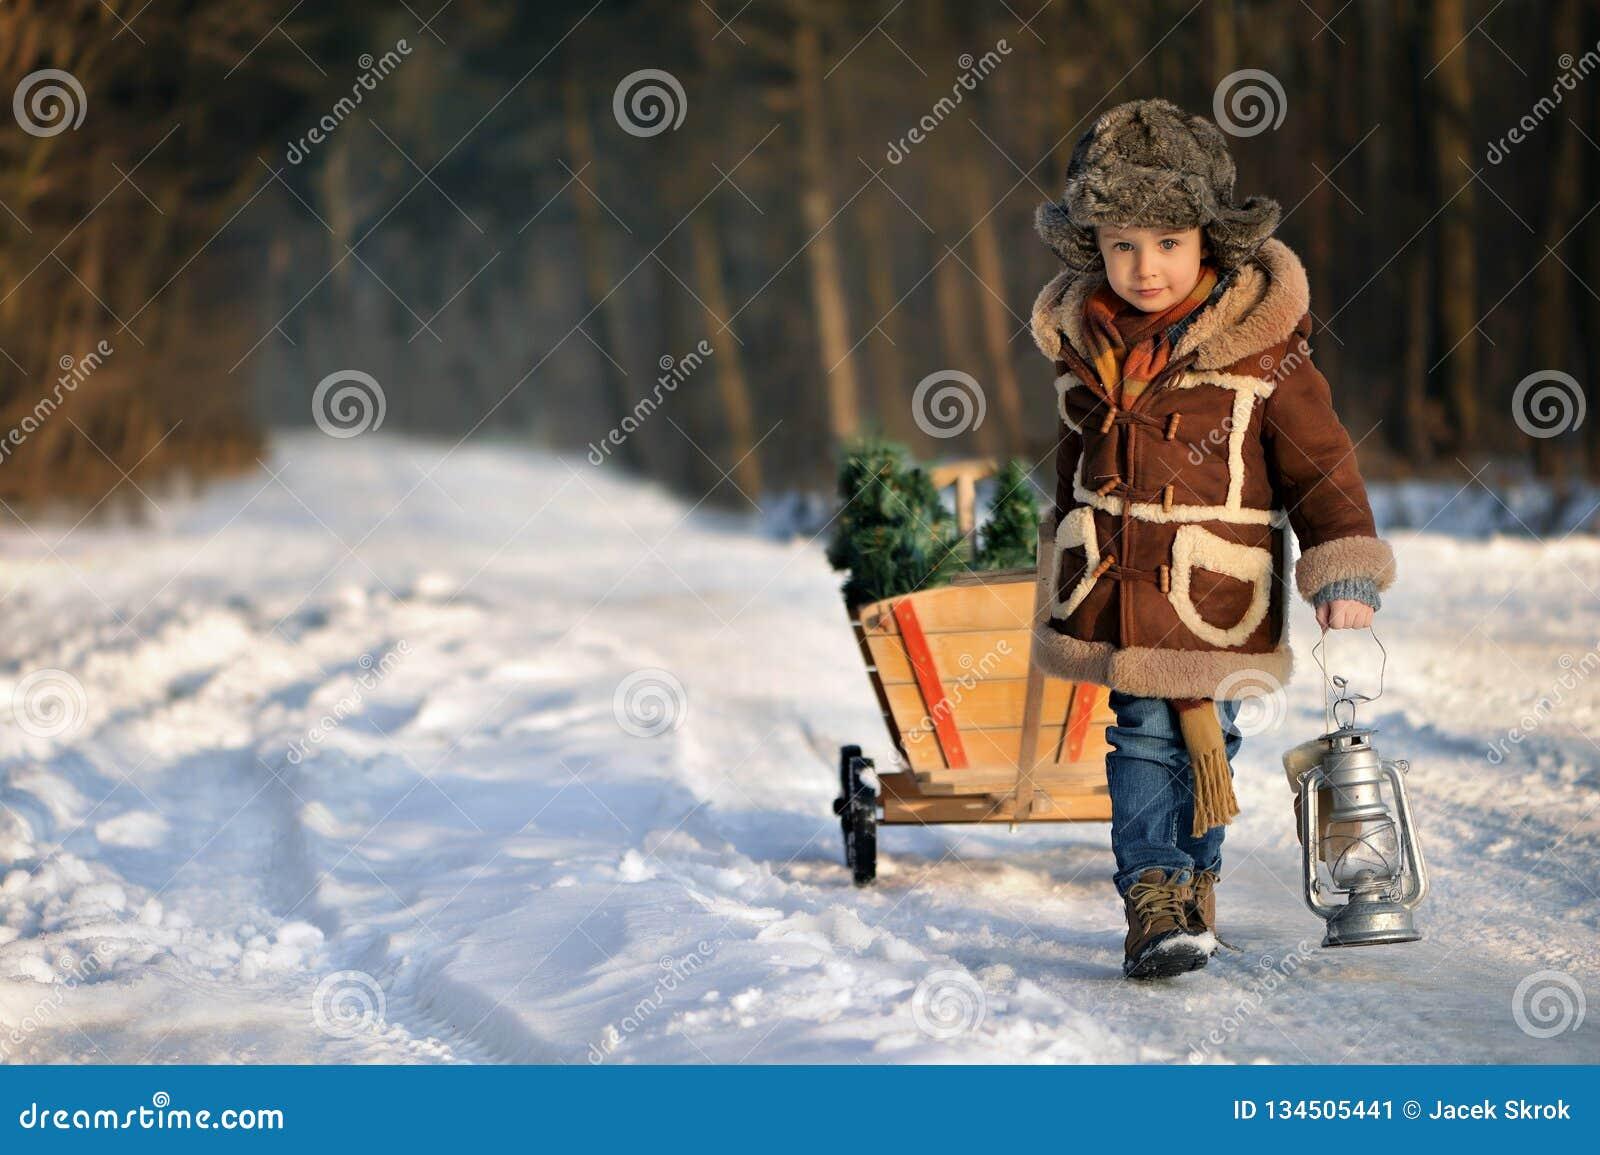 Αγόρι με ένα χριστουγεννιάτικο δέντρο στο χειμερινό δάσος